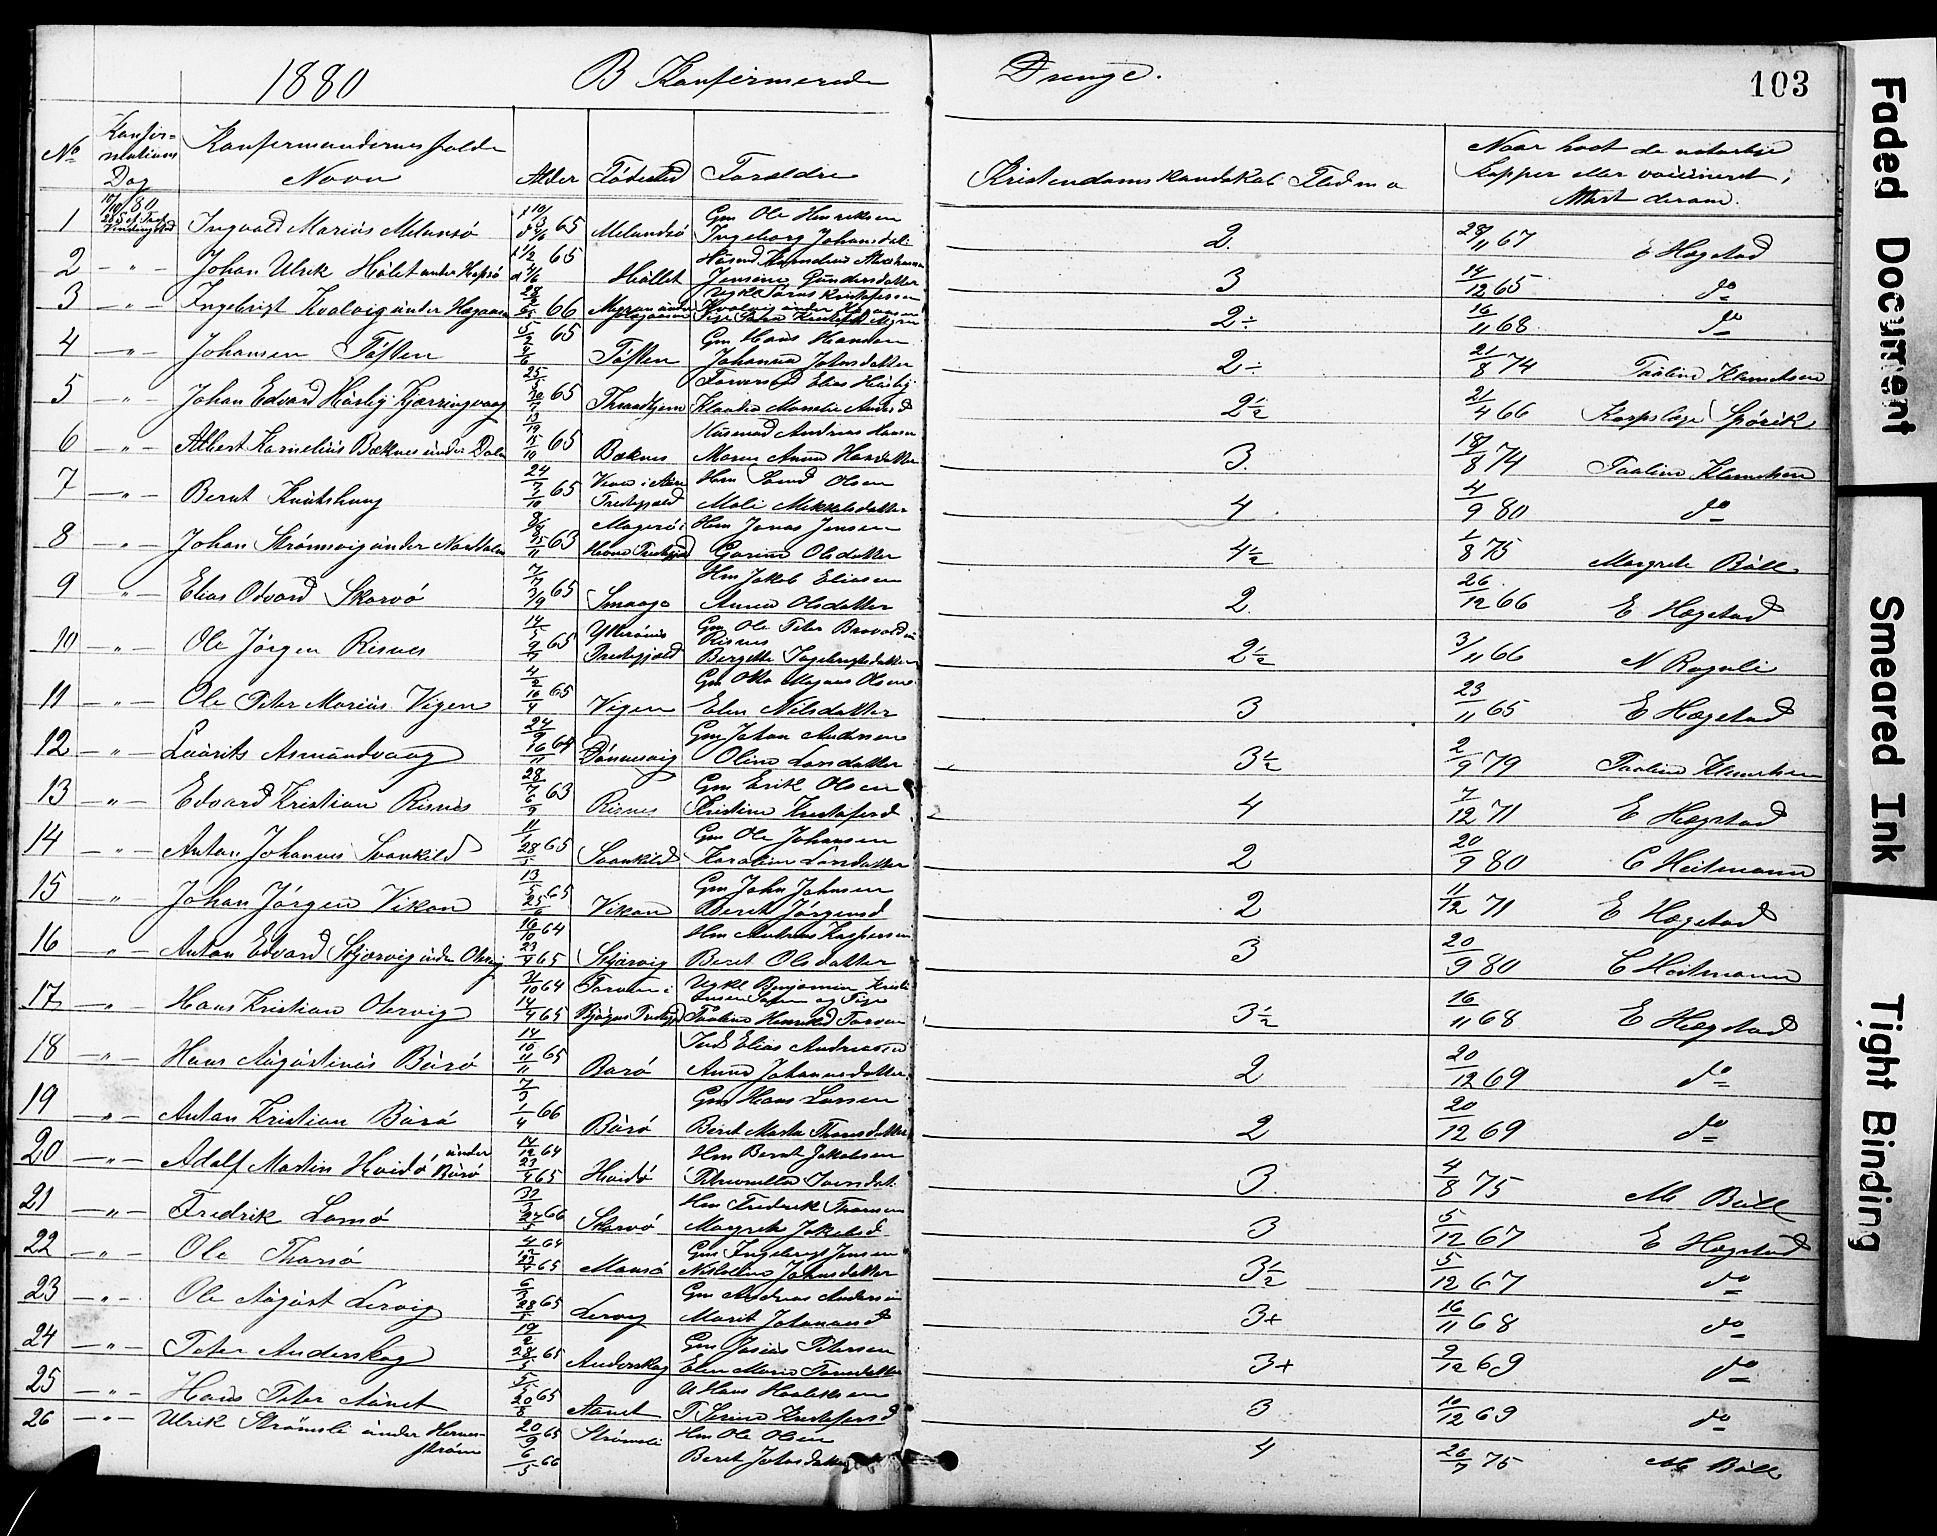 SAT, Ministerialprotokoller, klokkerbøker og fødselsregistre - Sør-Trøndelag, 634/L0541: Klokkerbok nr. 634C03, 1874-1891, s. 103